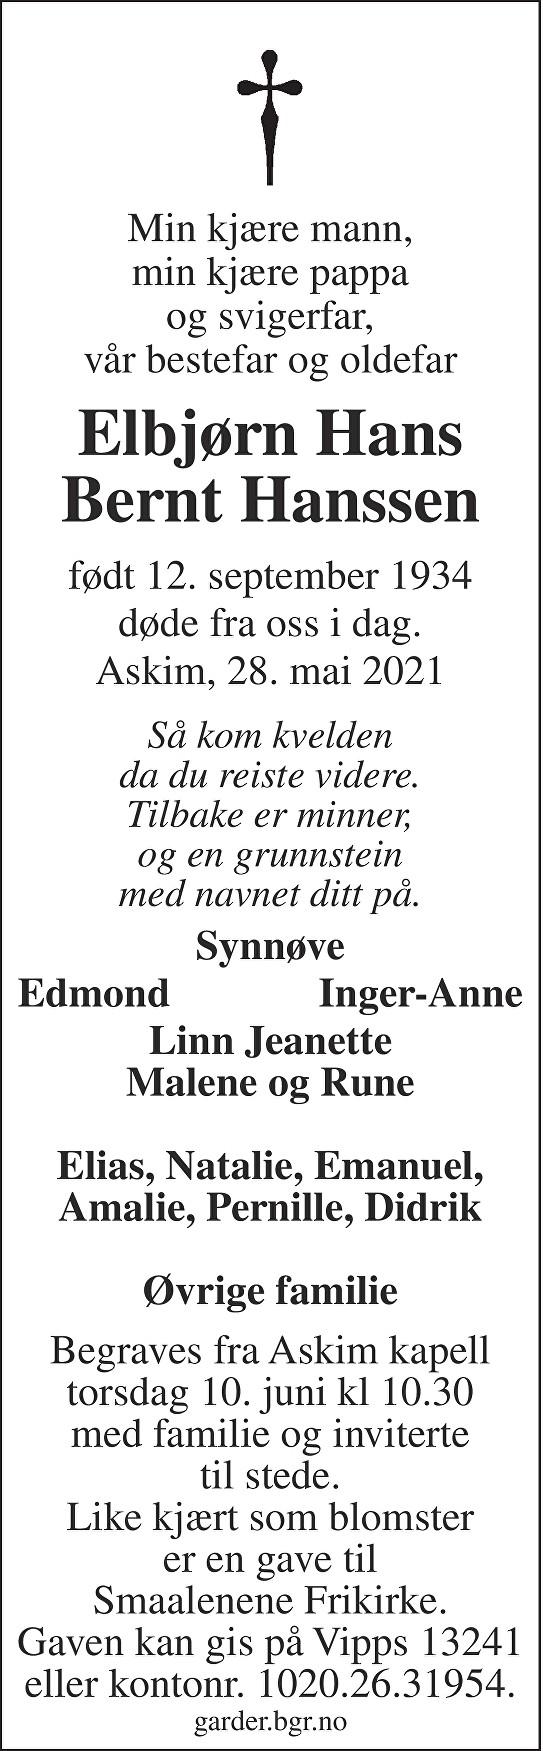 Elbjørn Hans Bernt Hanssen Dødsannonse